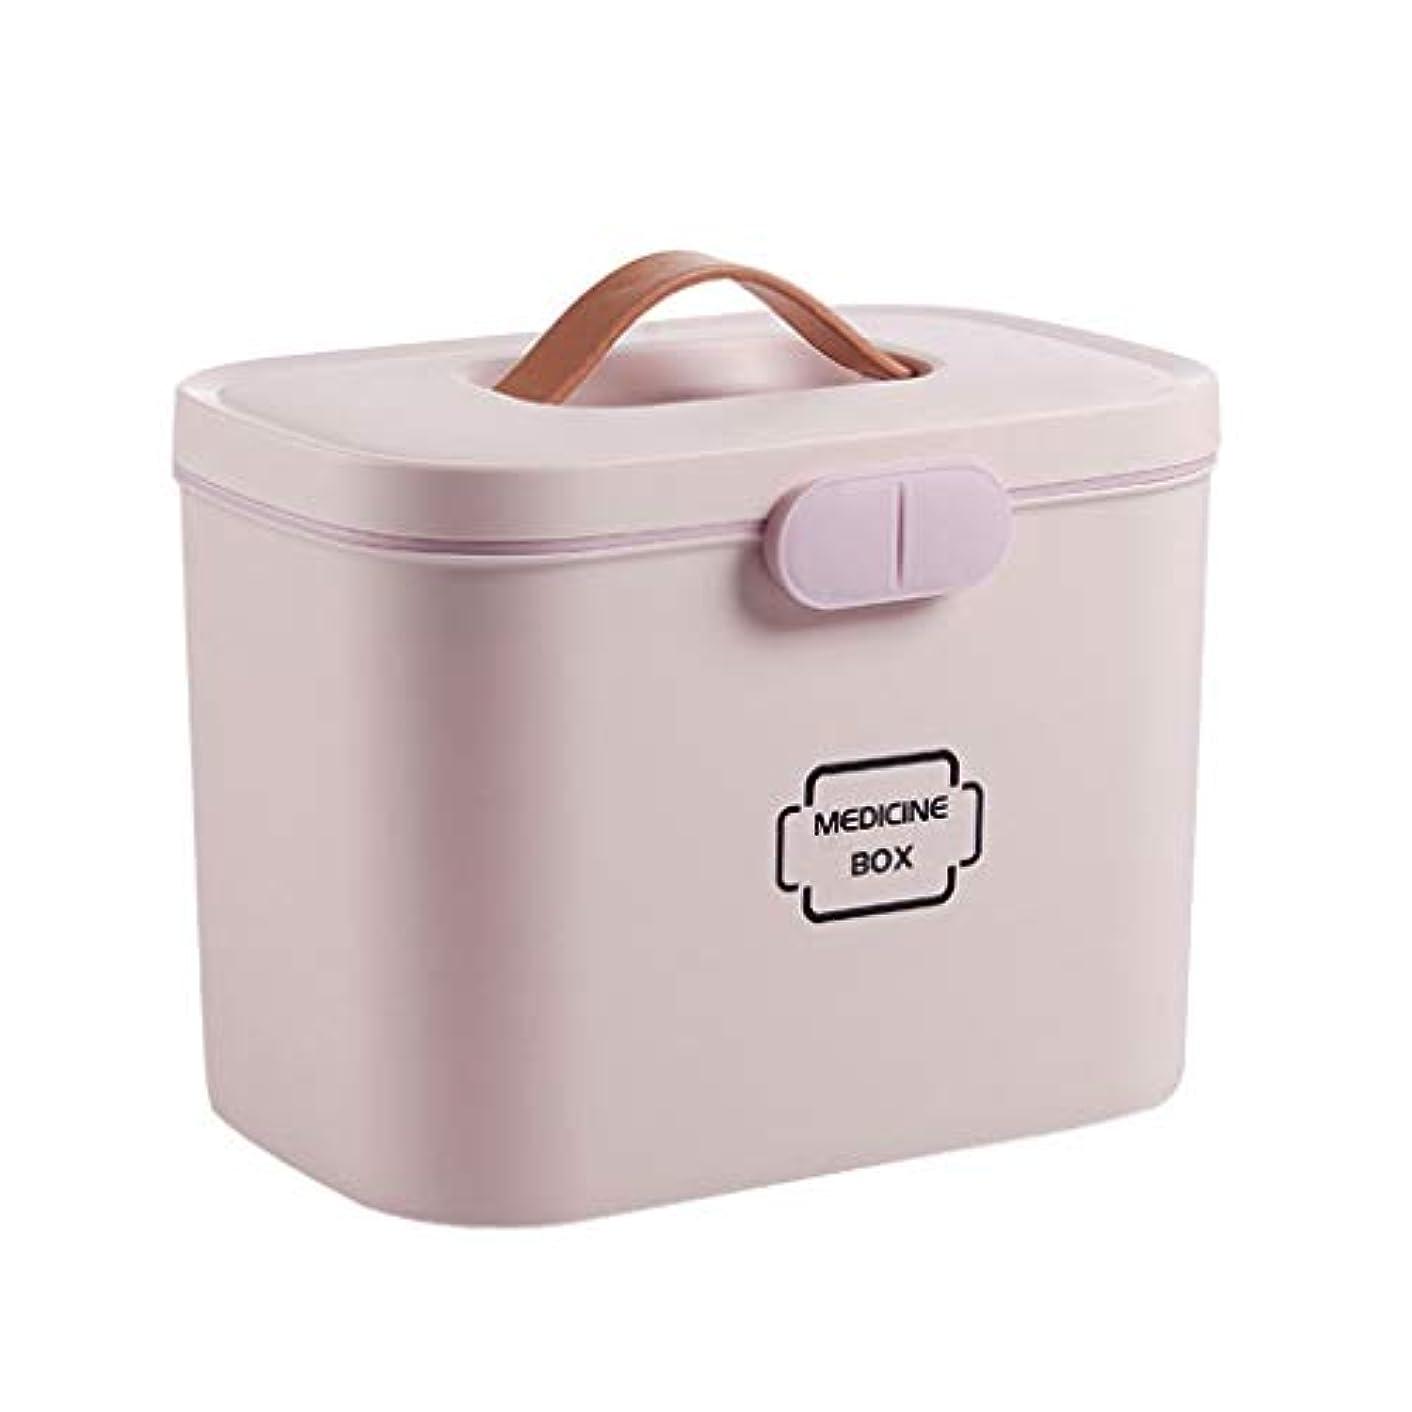 誠意暫定ぜいたくポータブル薬箱家庭用収納ボックス多層大容量小さな薬箱救急箱 HUXIUPING (Color : Pink)